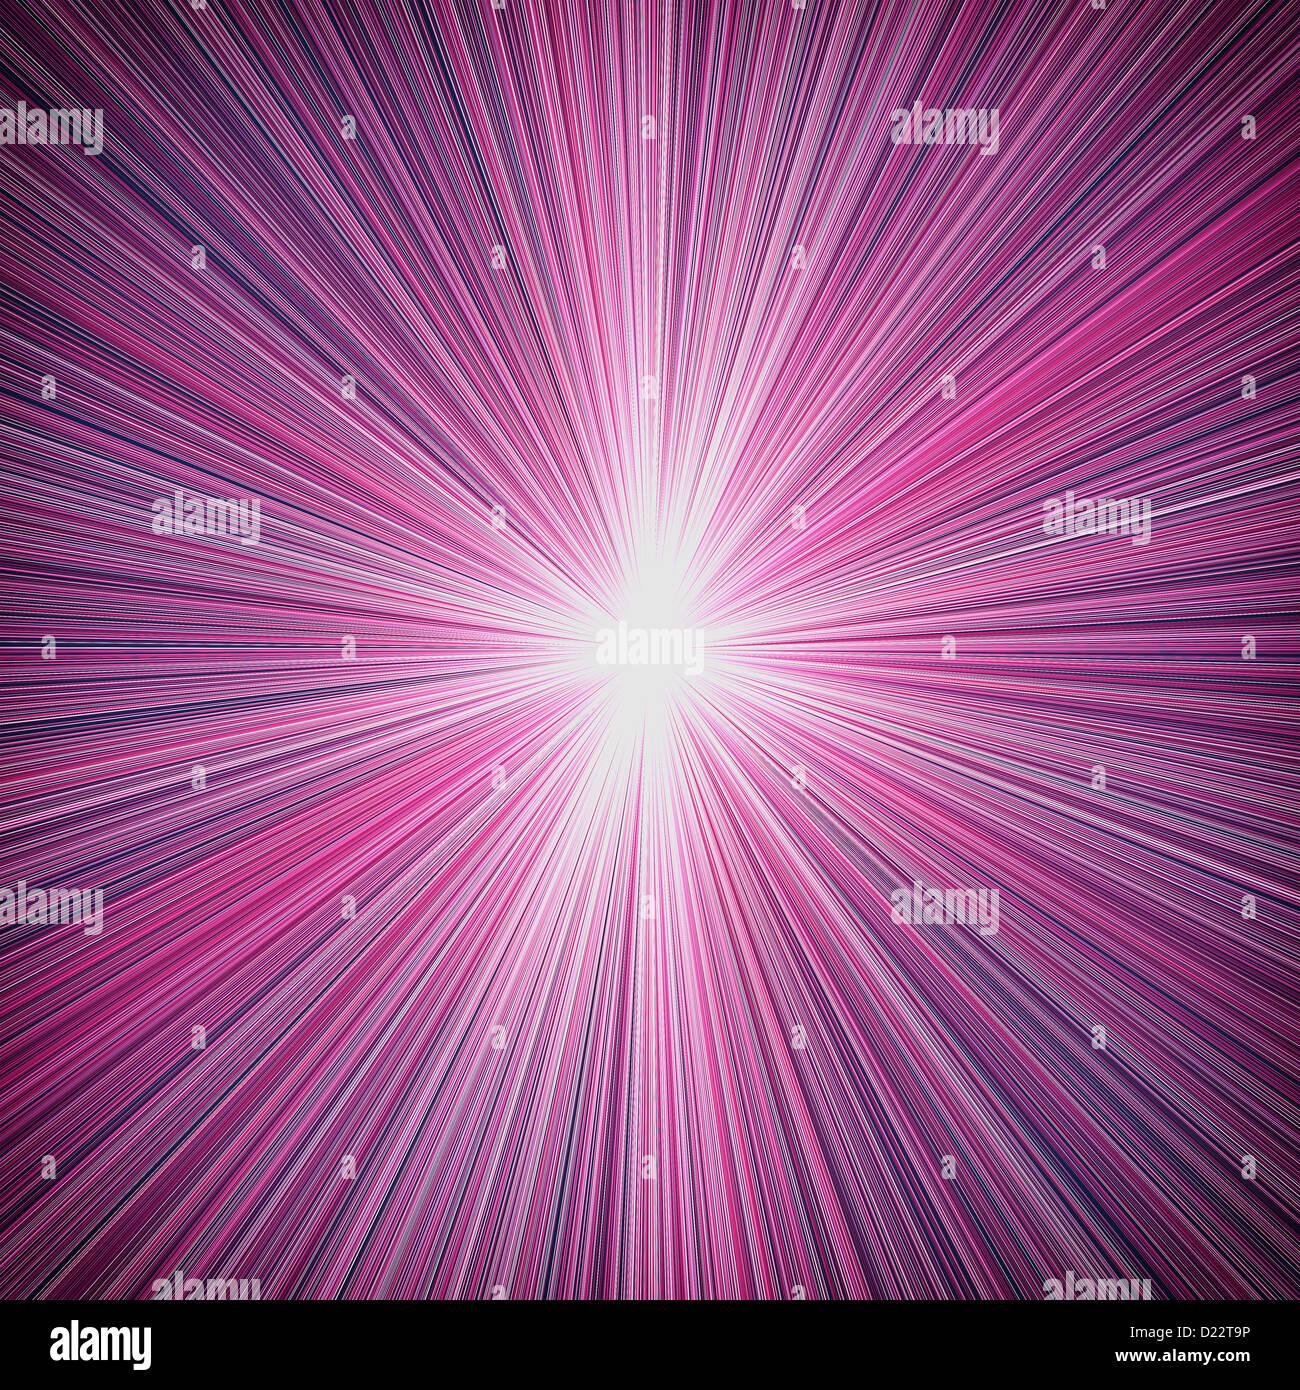 Star burst, lampeggiante raggi viola Immagini Stock